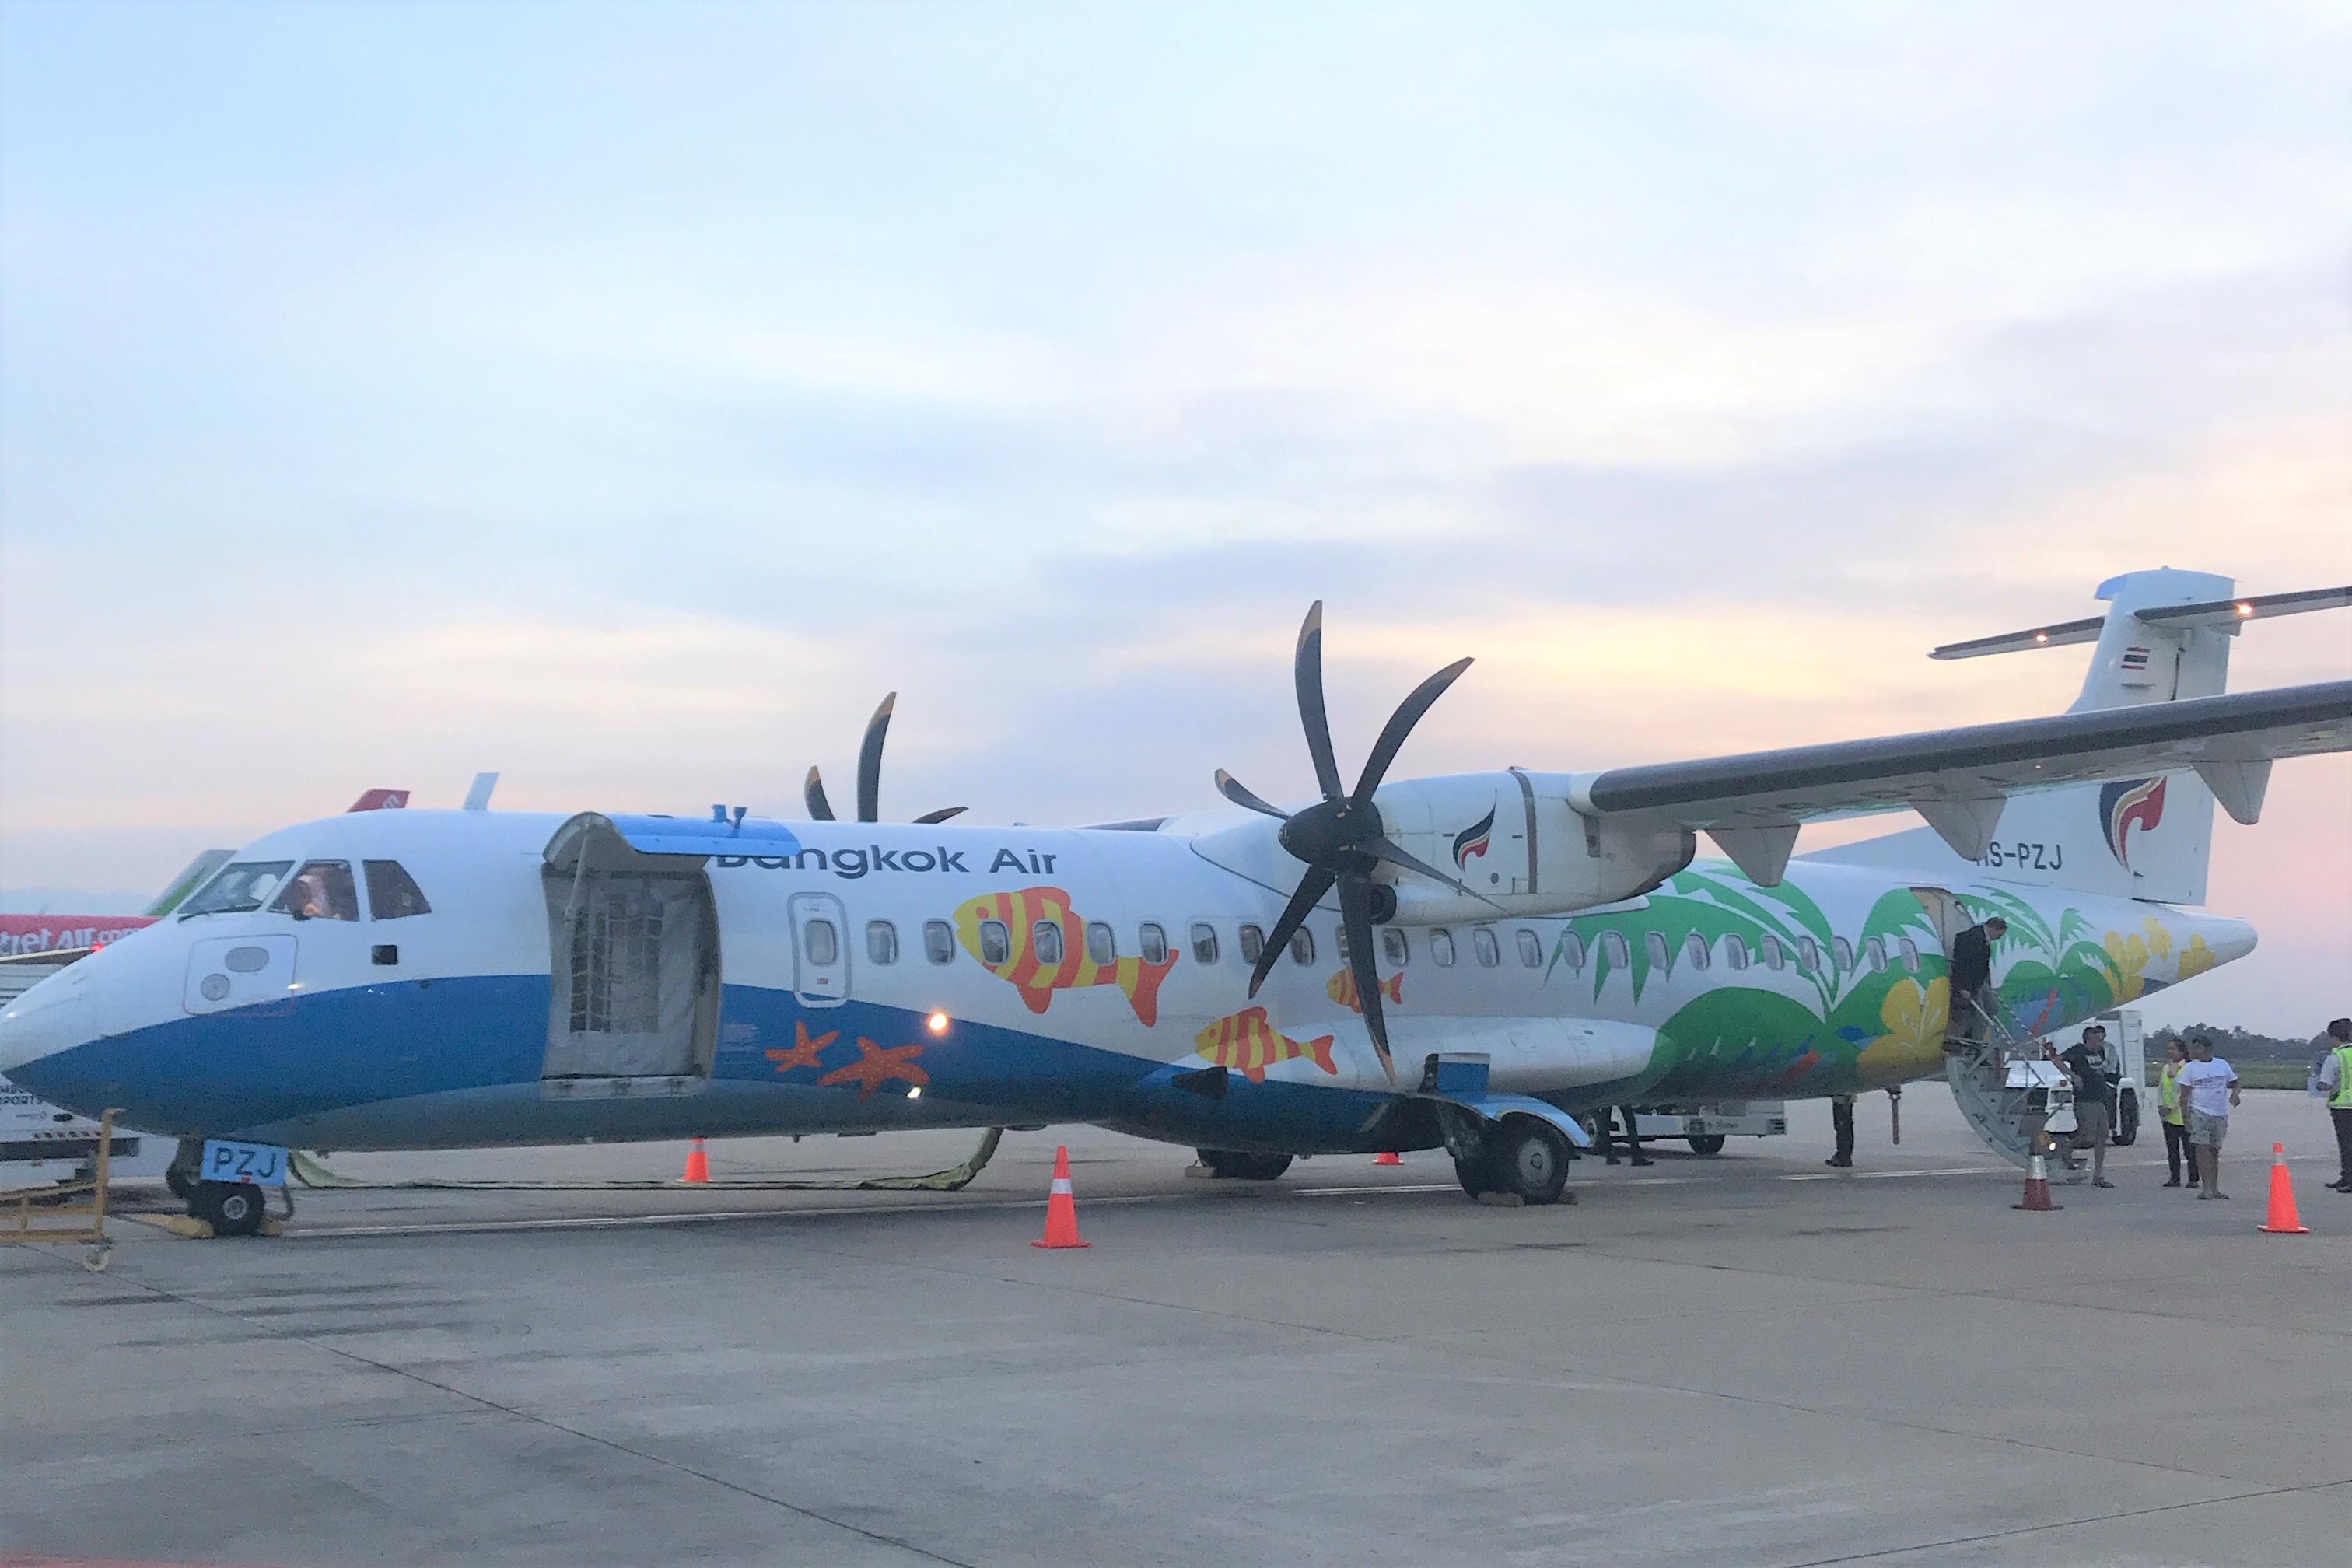 バンコクエアウェイズの飛行機